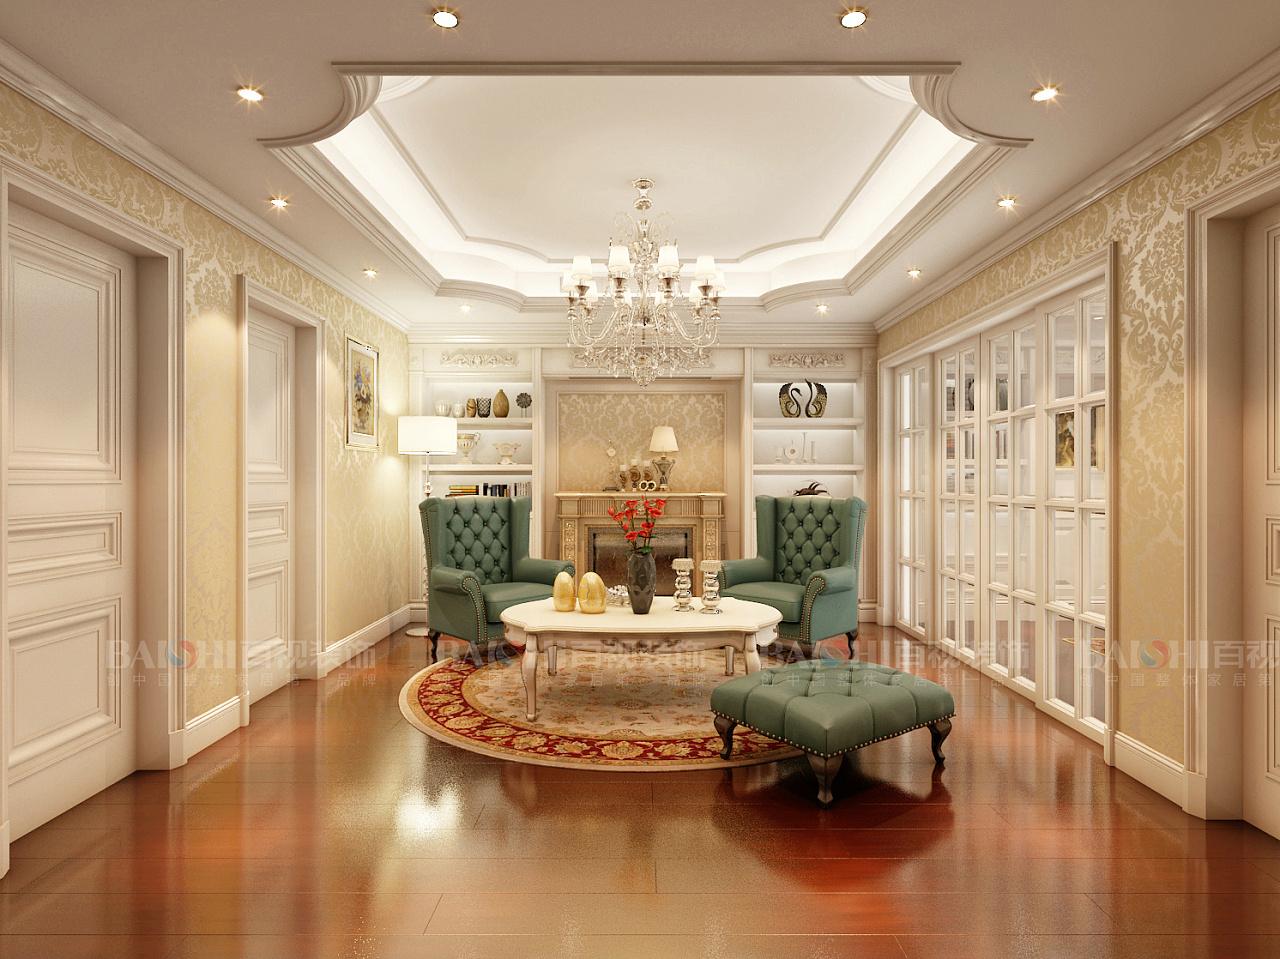 芜湖凤凰城南岛欧式别墅设计/欧式别墅/大宅专家